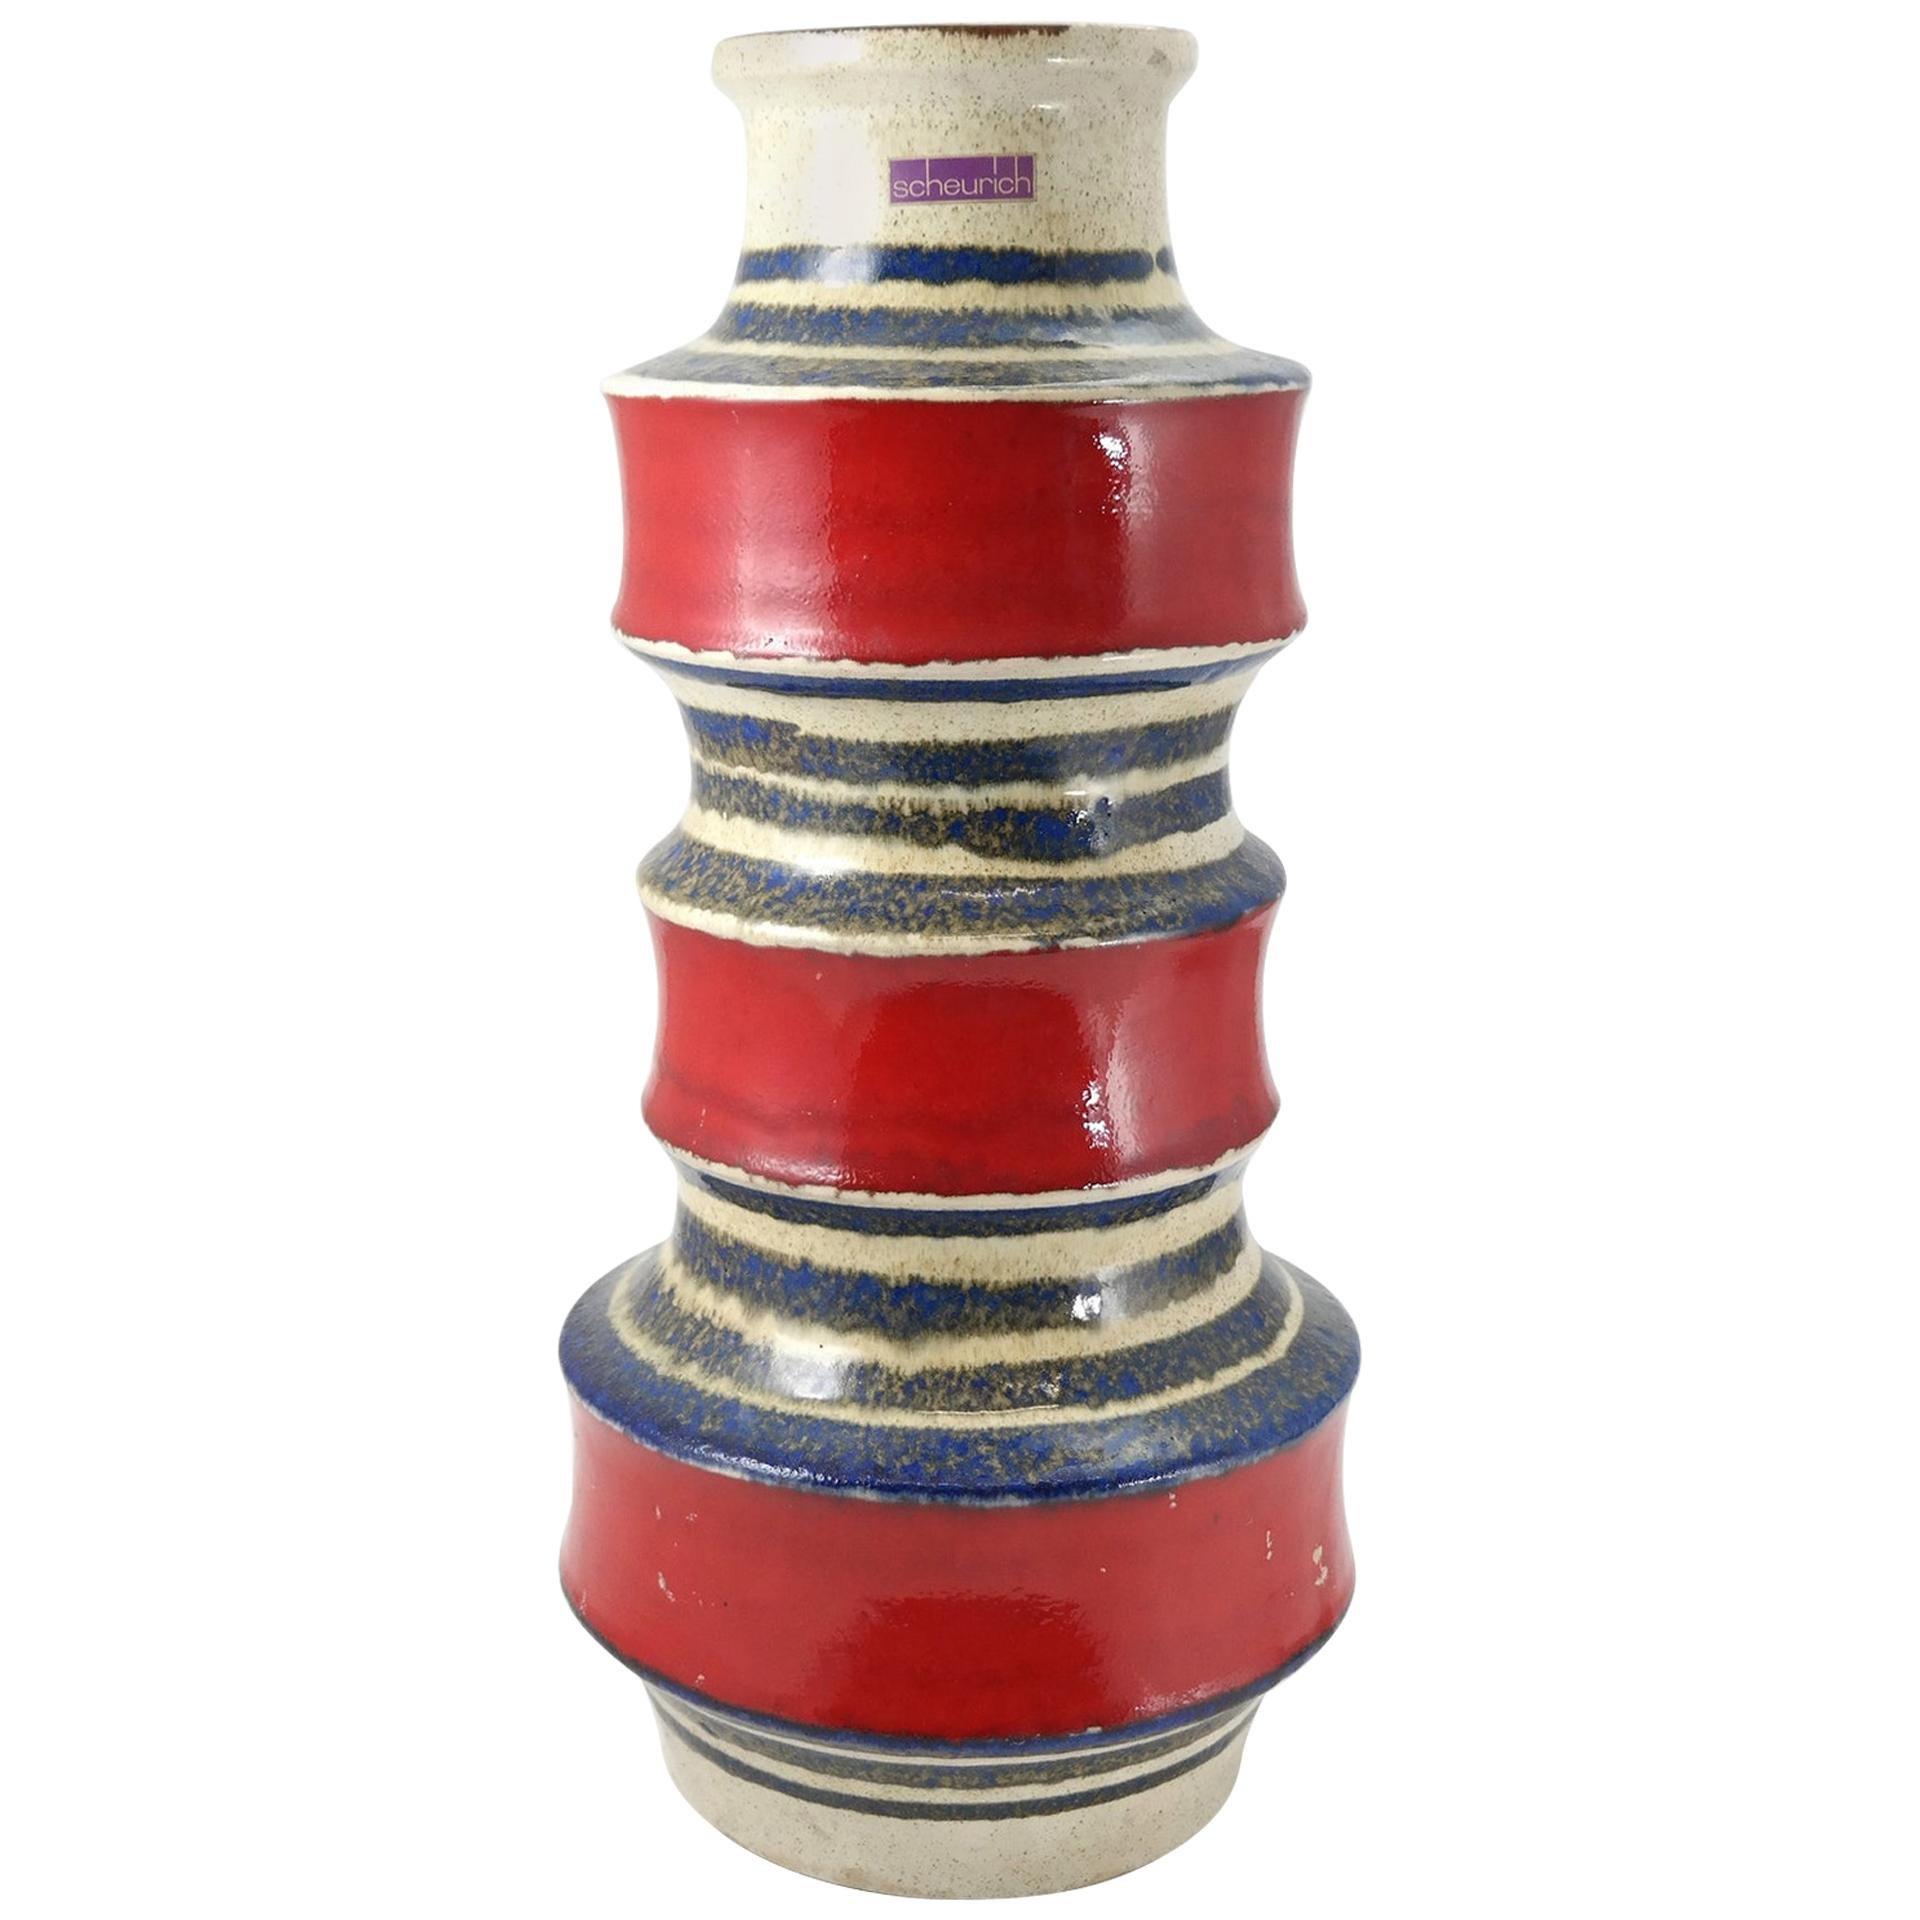 Decorative Scheurich Floor Vase, Germany, 1980s